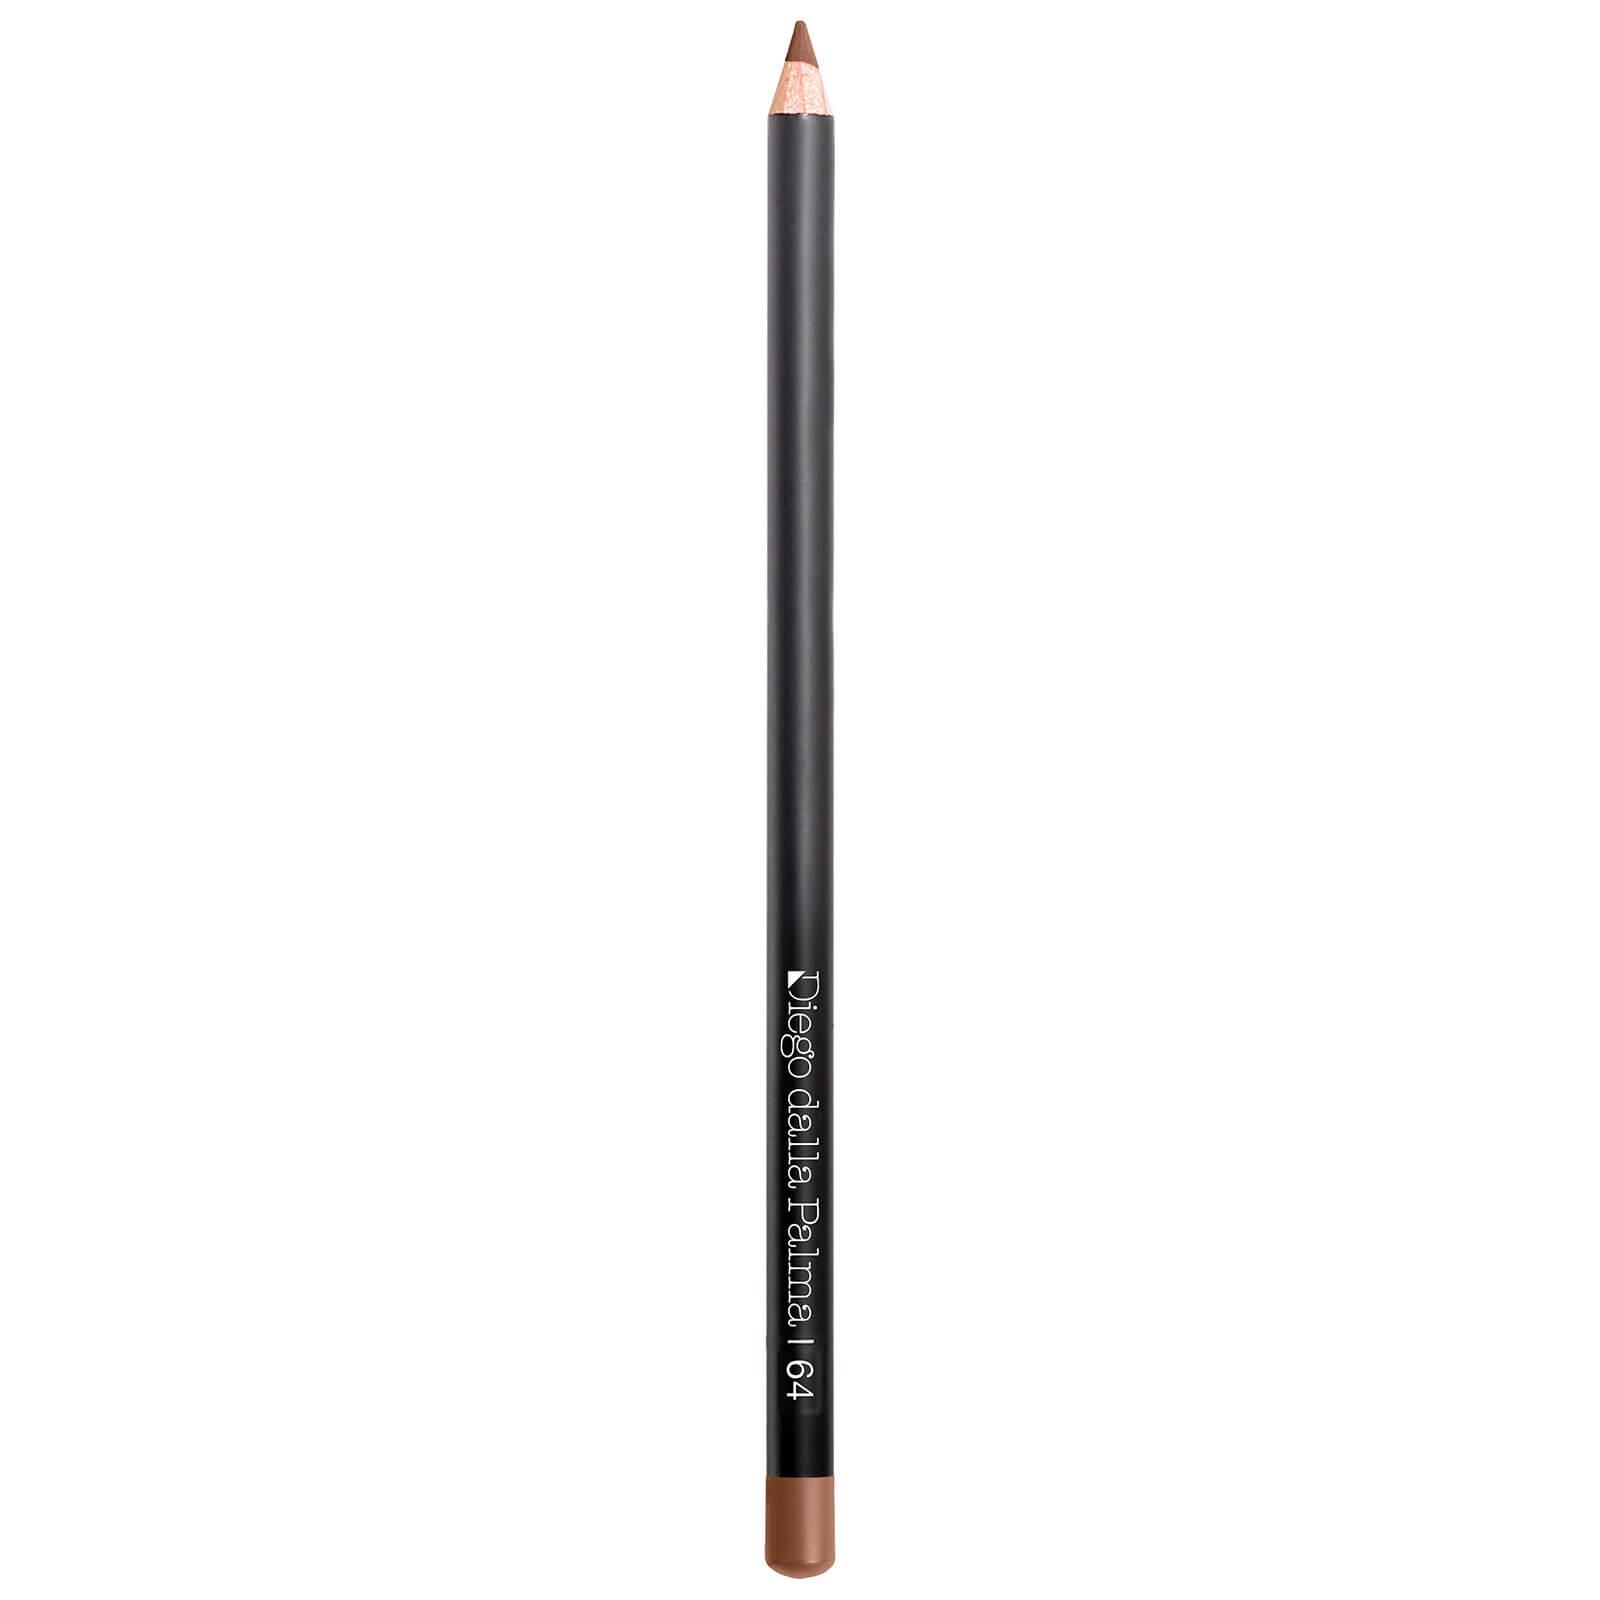 Купить Контурный карандаш для губ diego dalla palma Lip Pencil 1, 5 г (различные оттенки) - 64 Nude